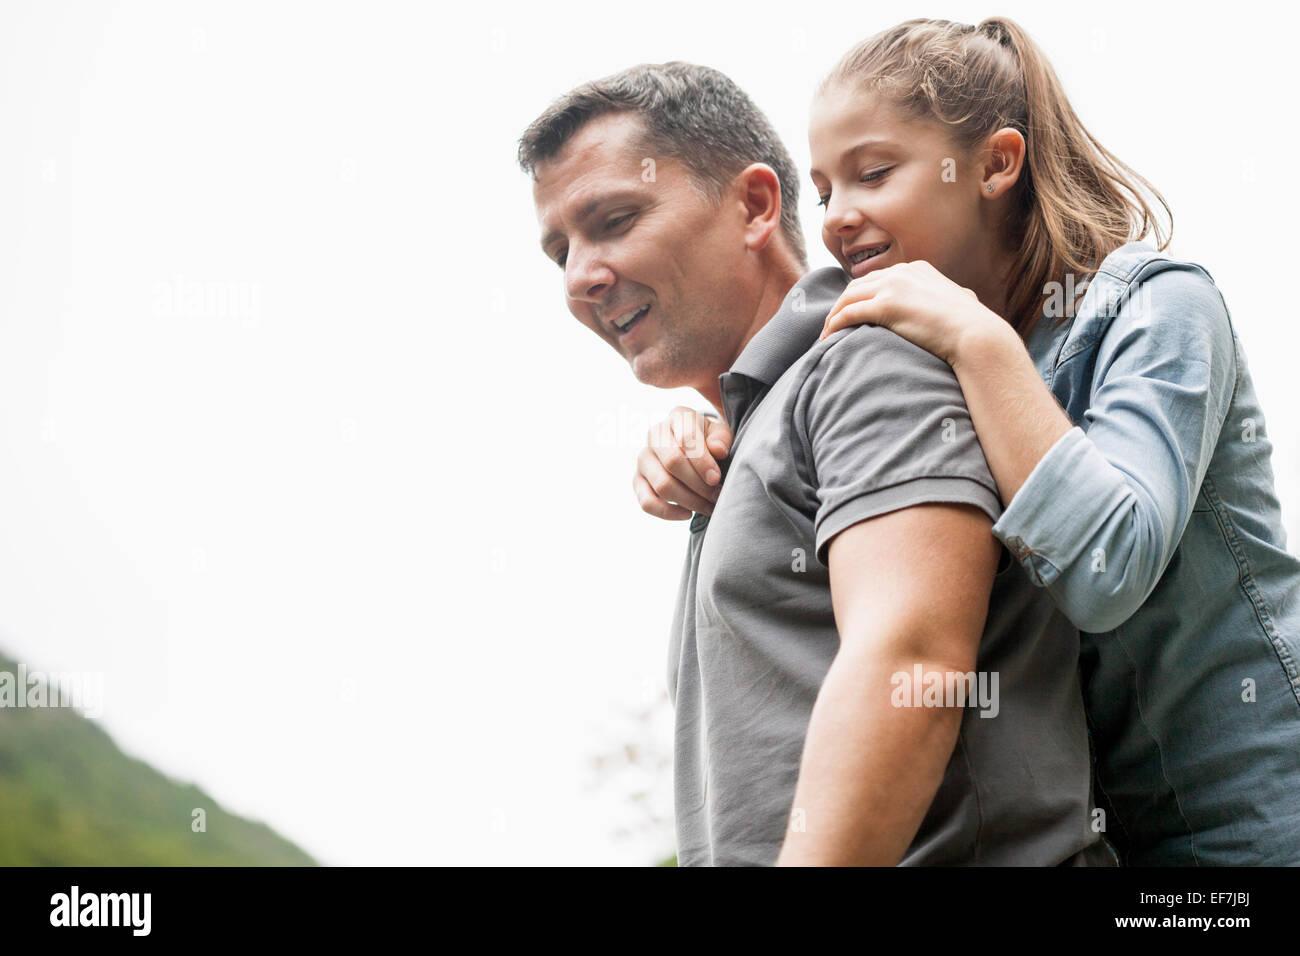 Padre e hija disfrutando en un parque Imagen De Stock